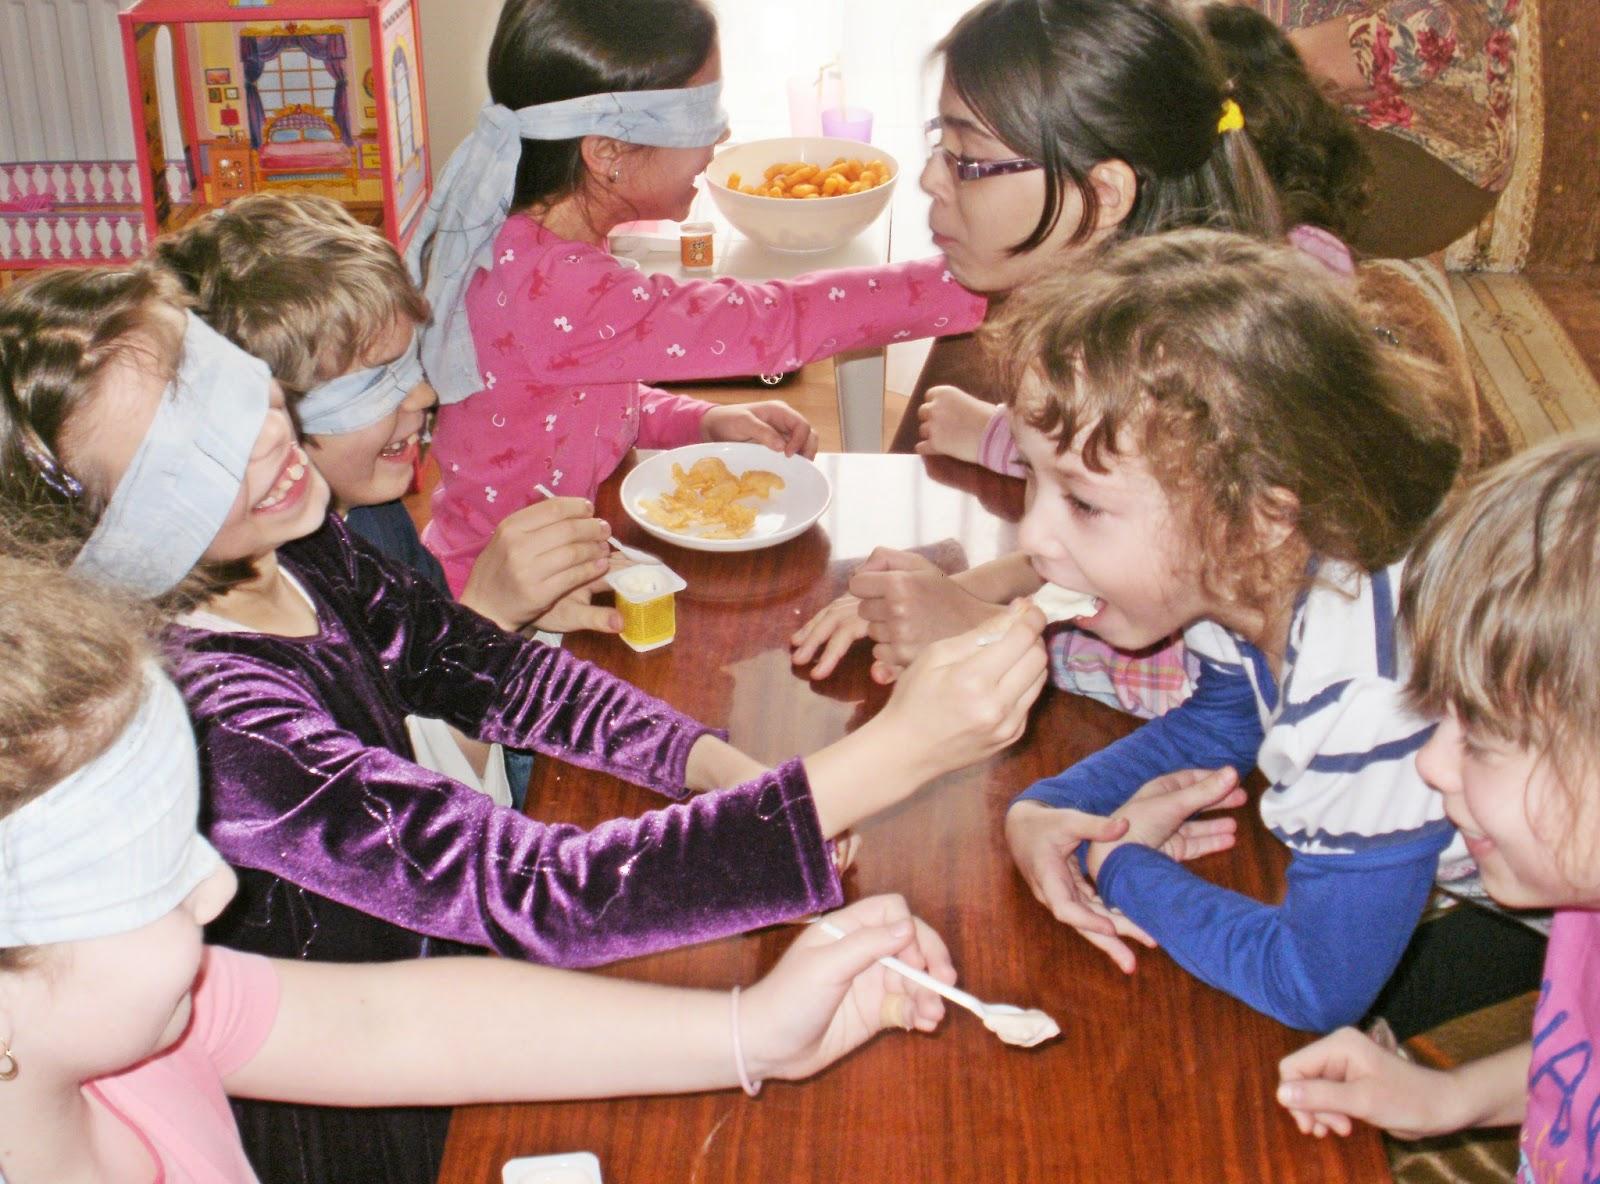 születésnapi játékok 8 éveseknek Sütis néne sütödéje: Születésnapi parti tippek (8 éves korosztály) születésnapi játékok 8 éveseknek